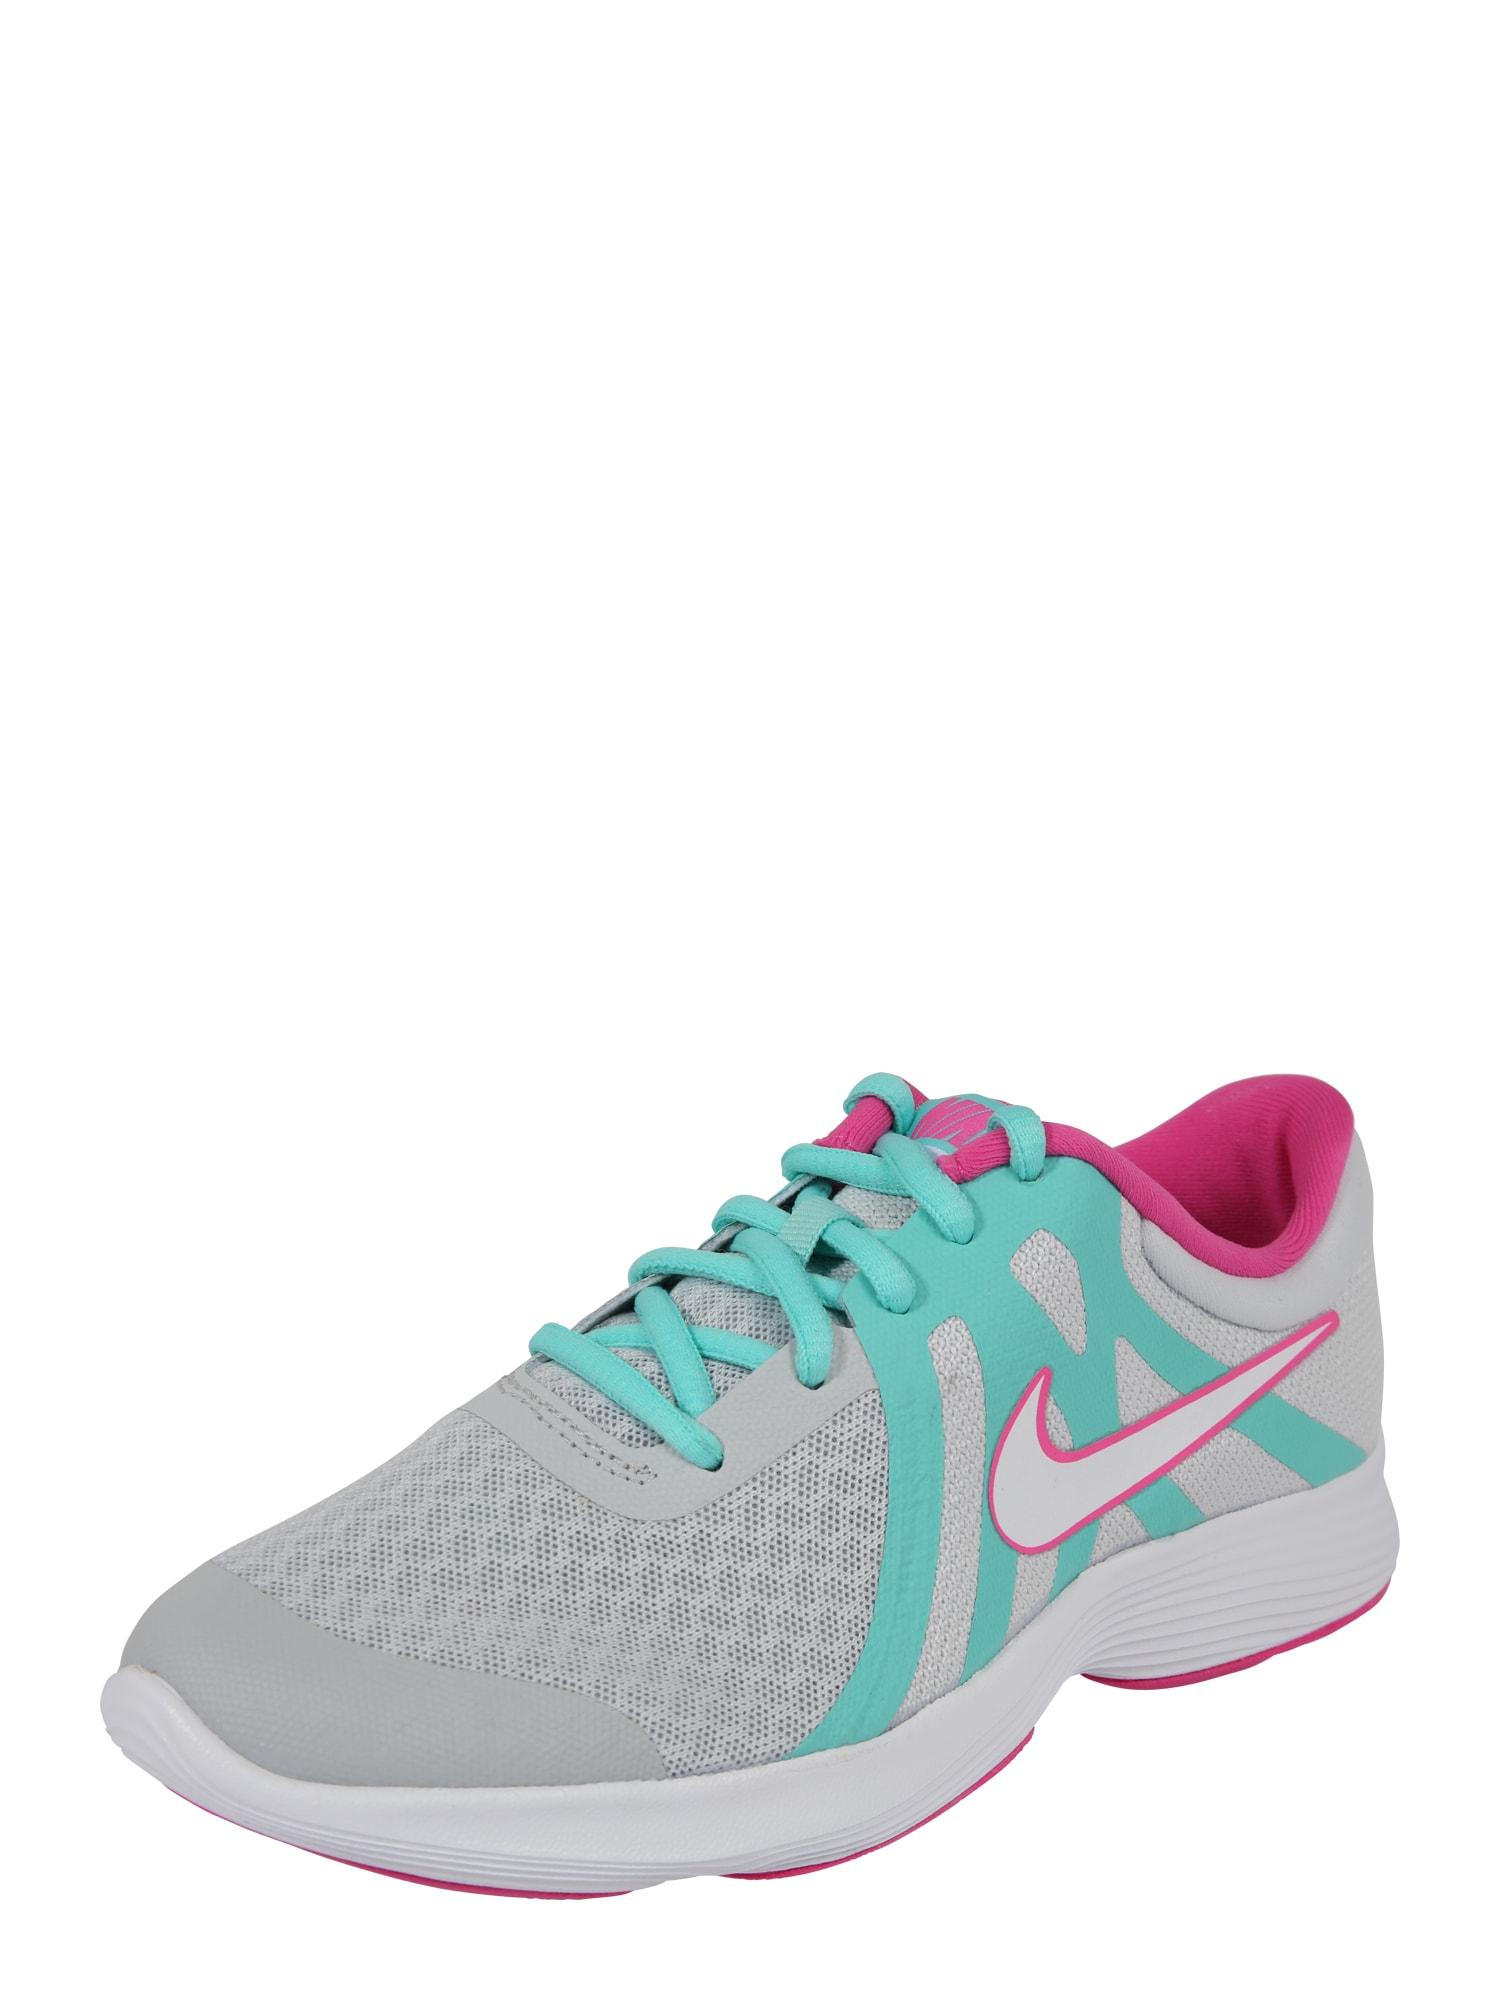 Sportovní boty Revolution 4 tyrkysová šedá pink bílá NIKE